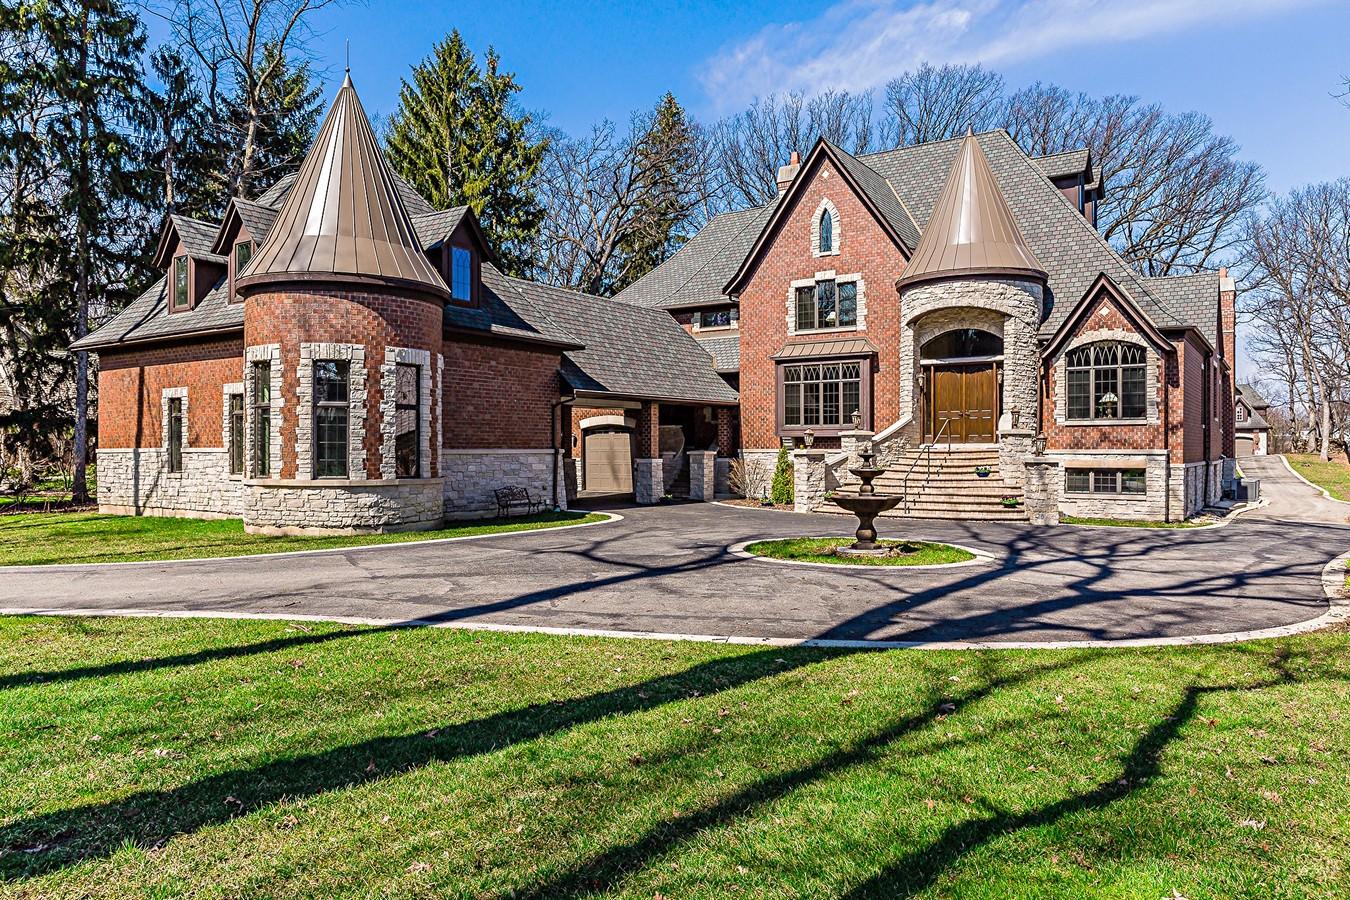 一戸建て のために 売買 アット 3108 White Oak Ln 3108 White Oak Lane Oak Brook, イリノイ, 60523 アメリカ合衆国